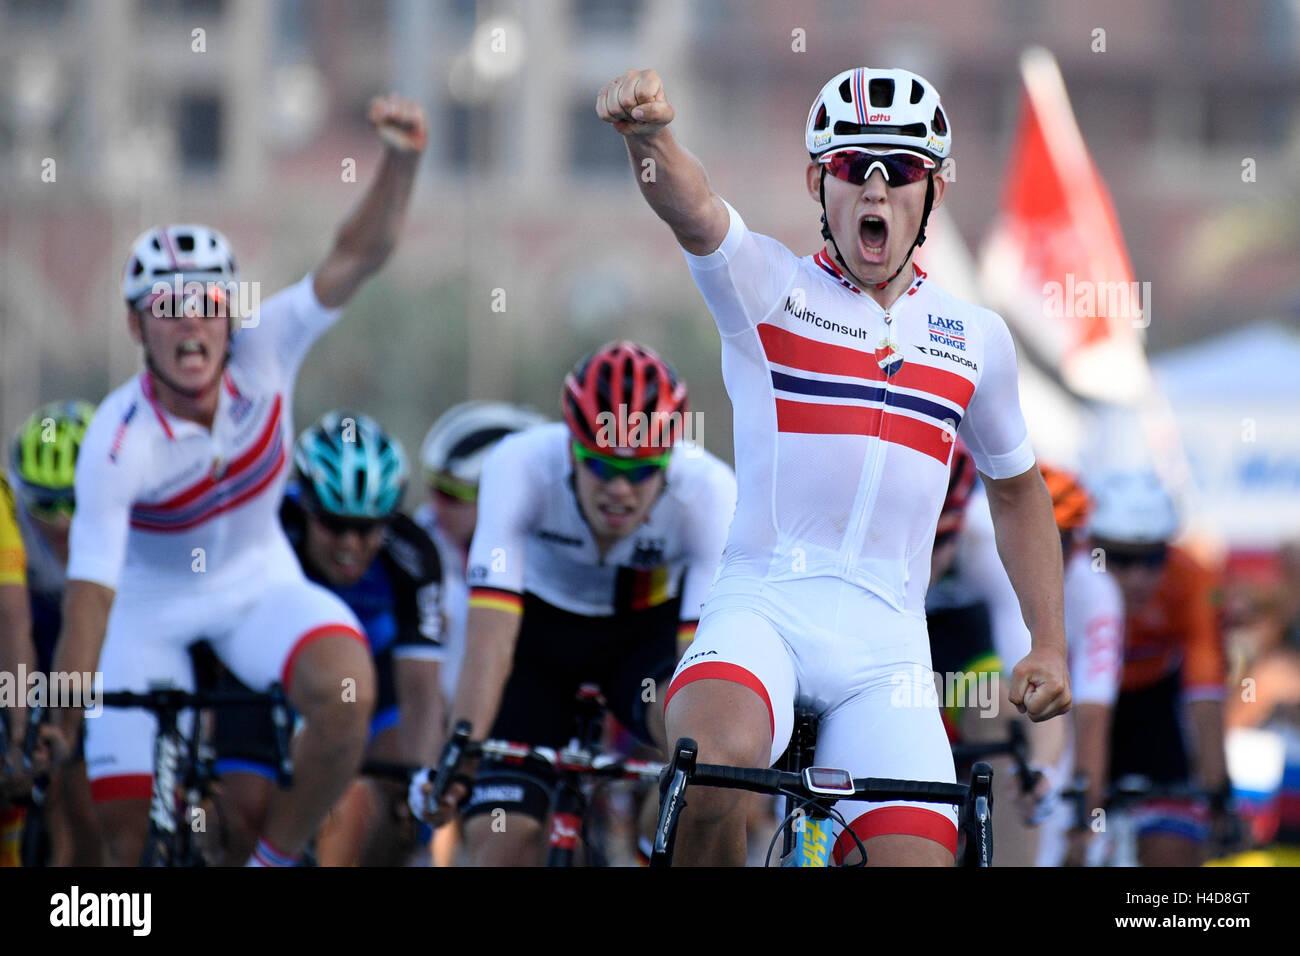 Noruego Kristoffer Halvorsen celebra como él cruza la línea de meta para ganar los hombres menores de Imagen De Stock